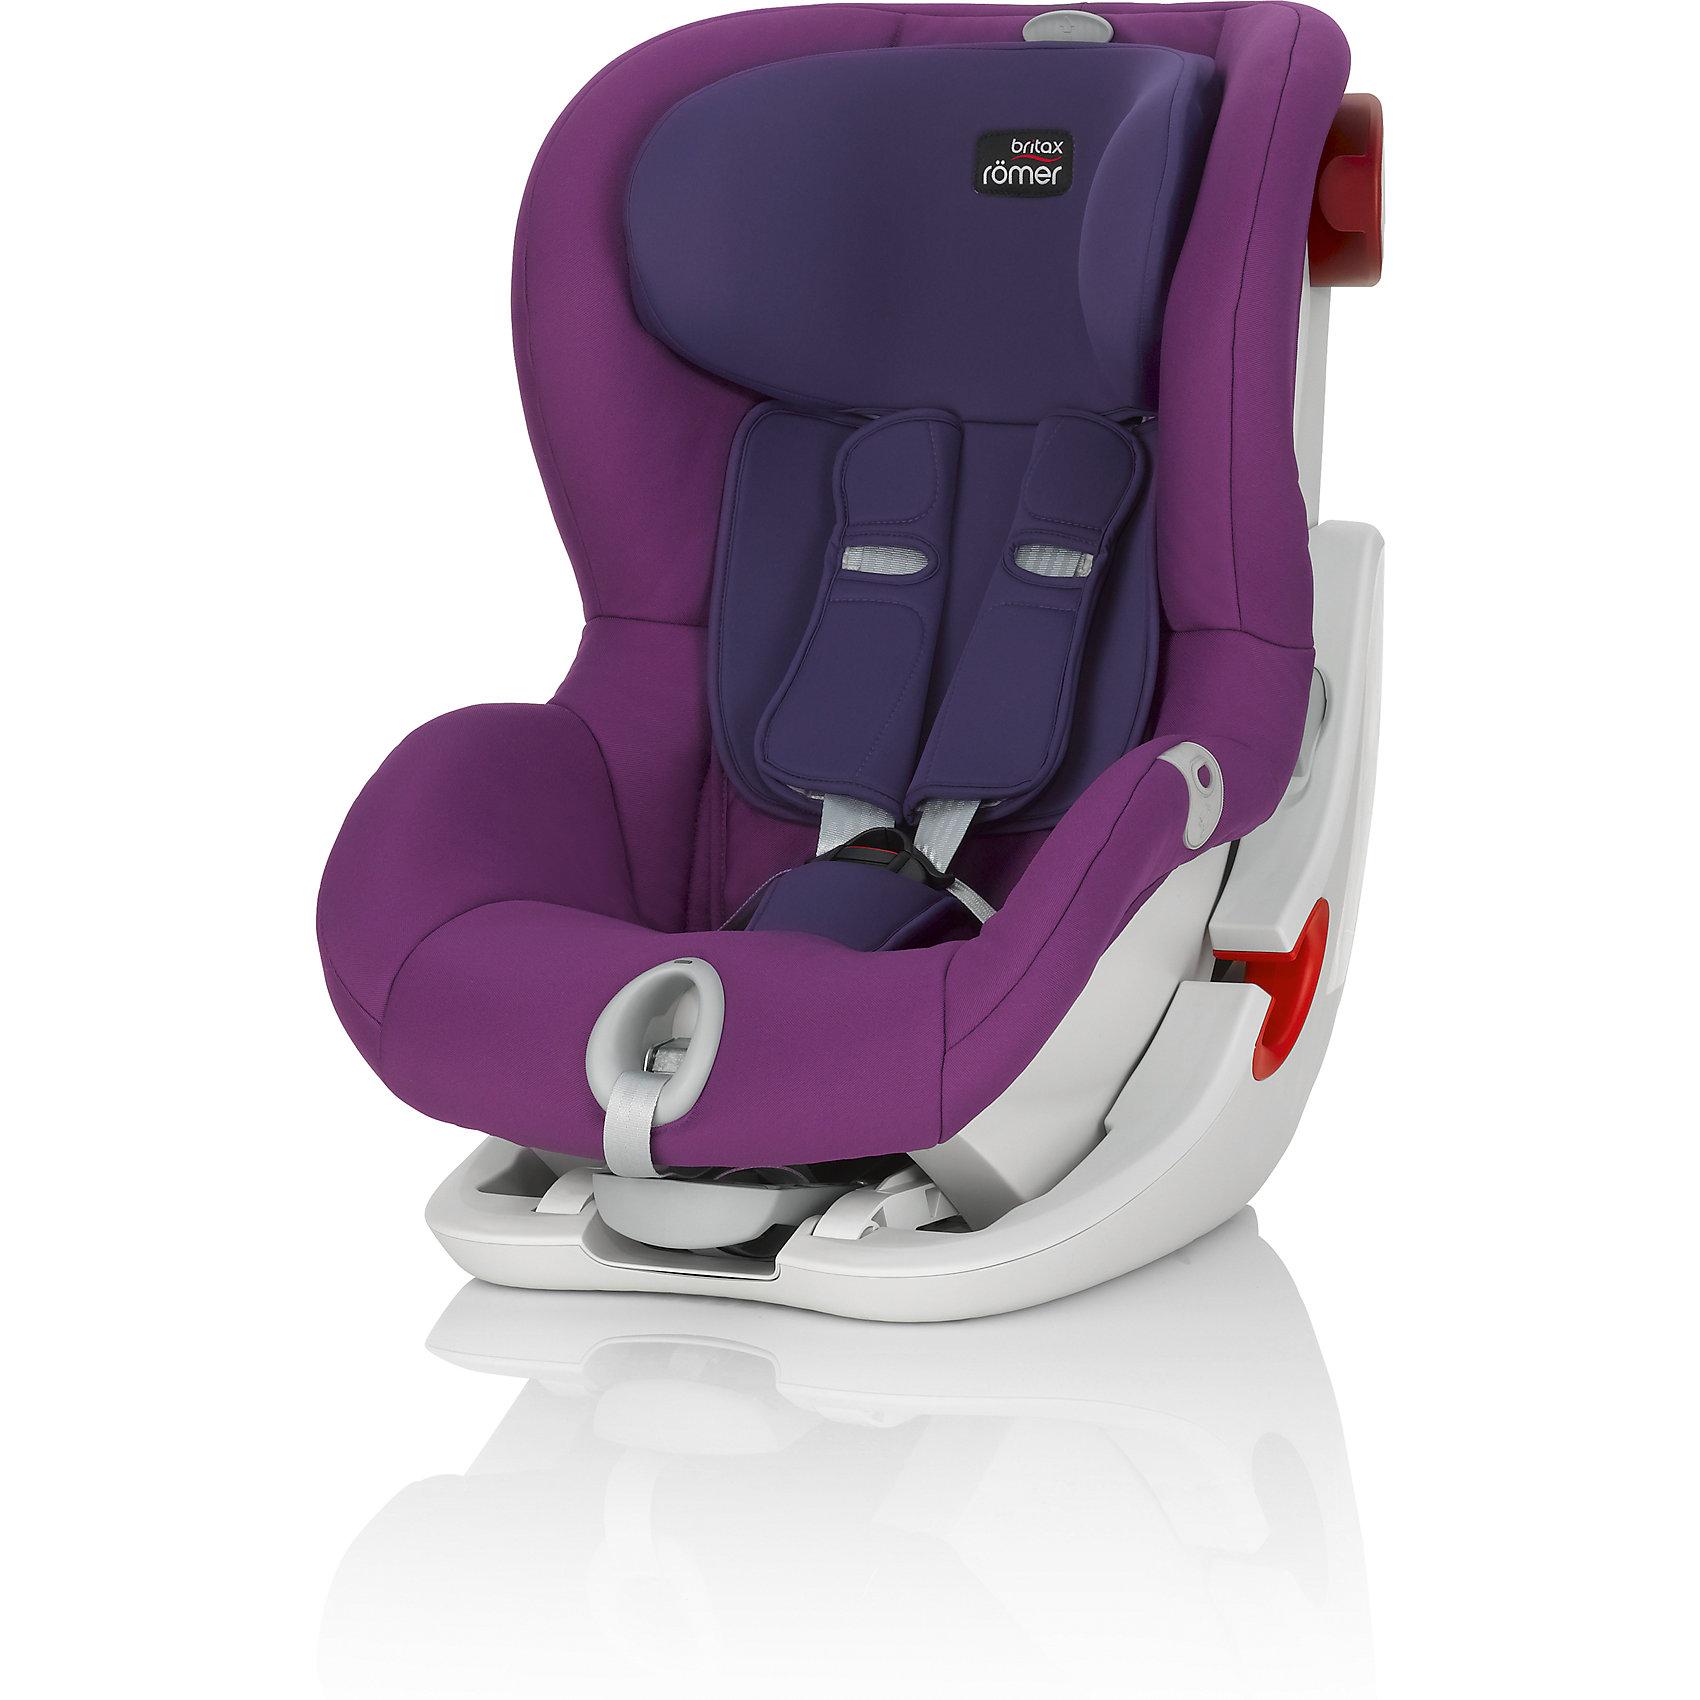 Автокресло Britax Romer KING II LS, 9-18 кг, Mineral Purple TrendlineГруппа 1 (От 9 до 18 кг)<br>Автокресло King II LS оснащено уникальной системой световой индикации натяжения ремня безопасности и складывающимся вперед сиденьем для удобства установки. <br>- Установка в автомобиле с помощью штатного ремня безопасности<br>- Индикатор определяет уровень натяжения внутреннего ремня автокресла<br>- 5-точечные ремни безопасности, регулируемые одной рукой<br>- Угол наклона регулируется в 4-х положениях<br>- Система наклона кресла вперед обеспечивает улучшенный доступ и обзор при установке кресла в салоне автомобиля<br>- Глубокие мягкие боковины обеспечивают оптимальную защиту при боковых столкновениях<br>- Мягкие плечевые накладки на ремни для максимального комфорта<br>- Съемный моющийся чехол<br>- Батарейки включены в комплект поставки<br>- Размеры (Д / Ш / В): 54 х 45 х 67 см<br>- Размеры спинки сиденья (Д / Ш): 30 х 34 см<br>- Длина спинки: 55 см<br>- Вес: 10.3 кг<br><br>Автокресло KING II LS, 9-18 кг., BRITAX ROMER (Бритакс Ремер), Mineral Purple Trendline можно купить в нашем магазине.<br><br>Ширина мм: 540<br>Глубина мм: 450<br>Высота мм: 680<br>Вес г: 10500<br>Цвет: сиреневый<br>Возраст от месяцев: 9<br>Возраст до месяцев: 48<br>Пол: Унисекс<br>Возраст: Детский<br>SKU: 4576177